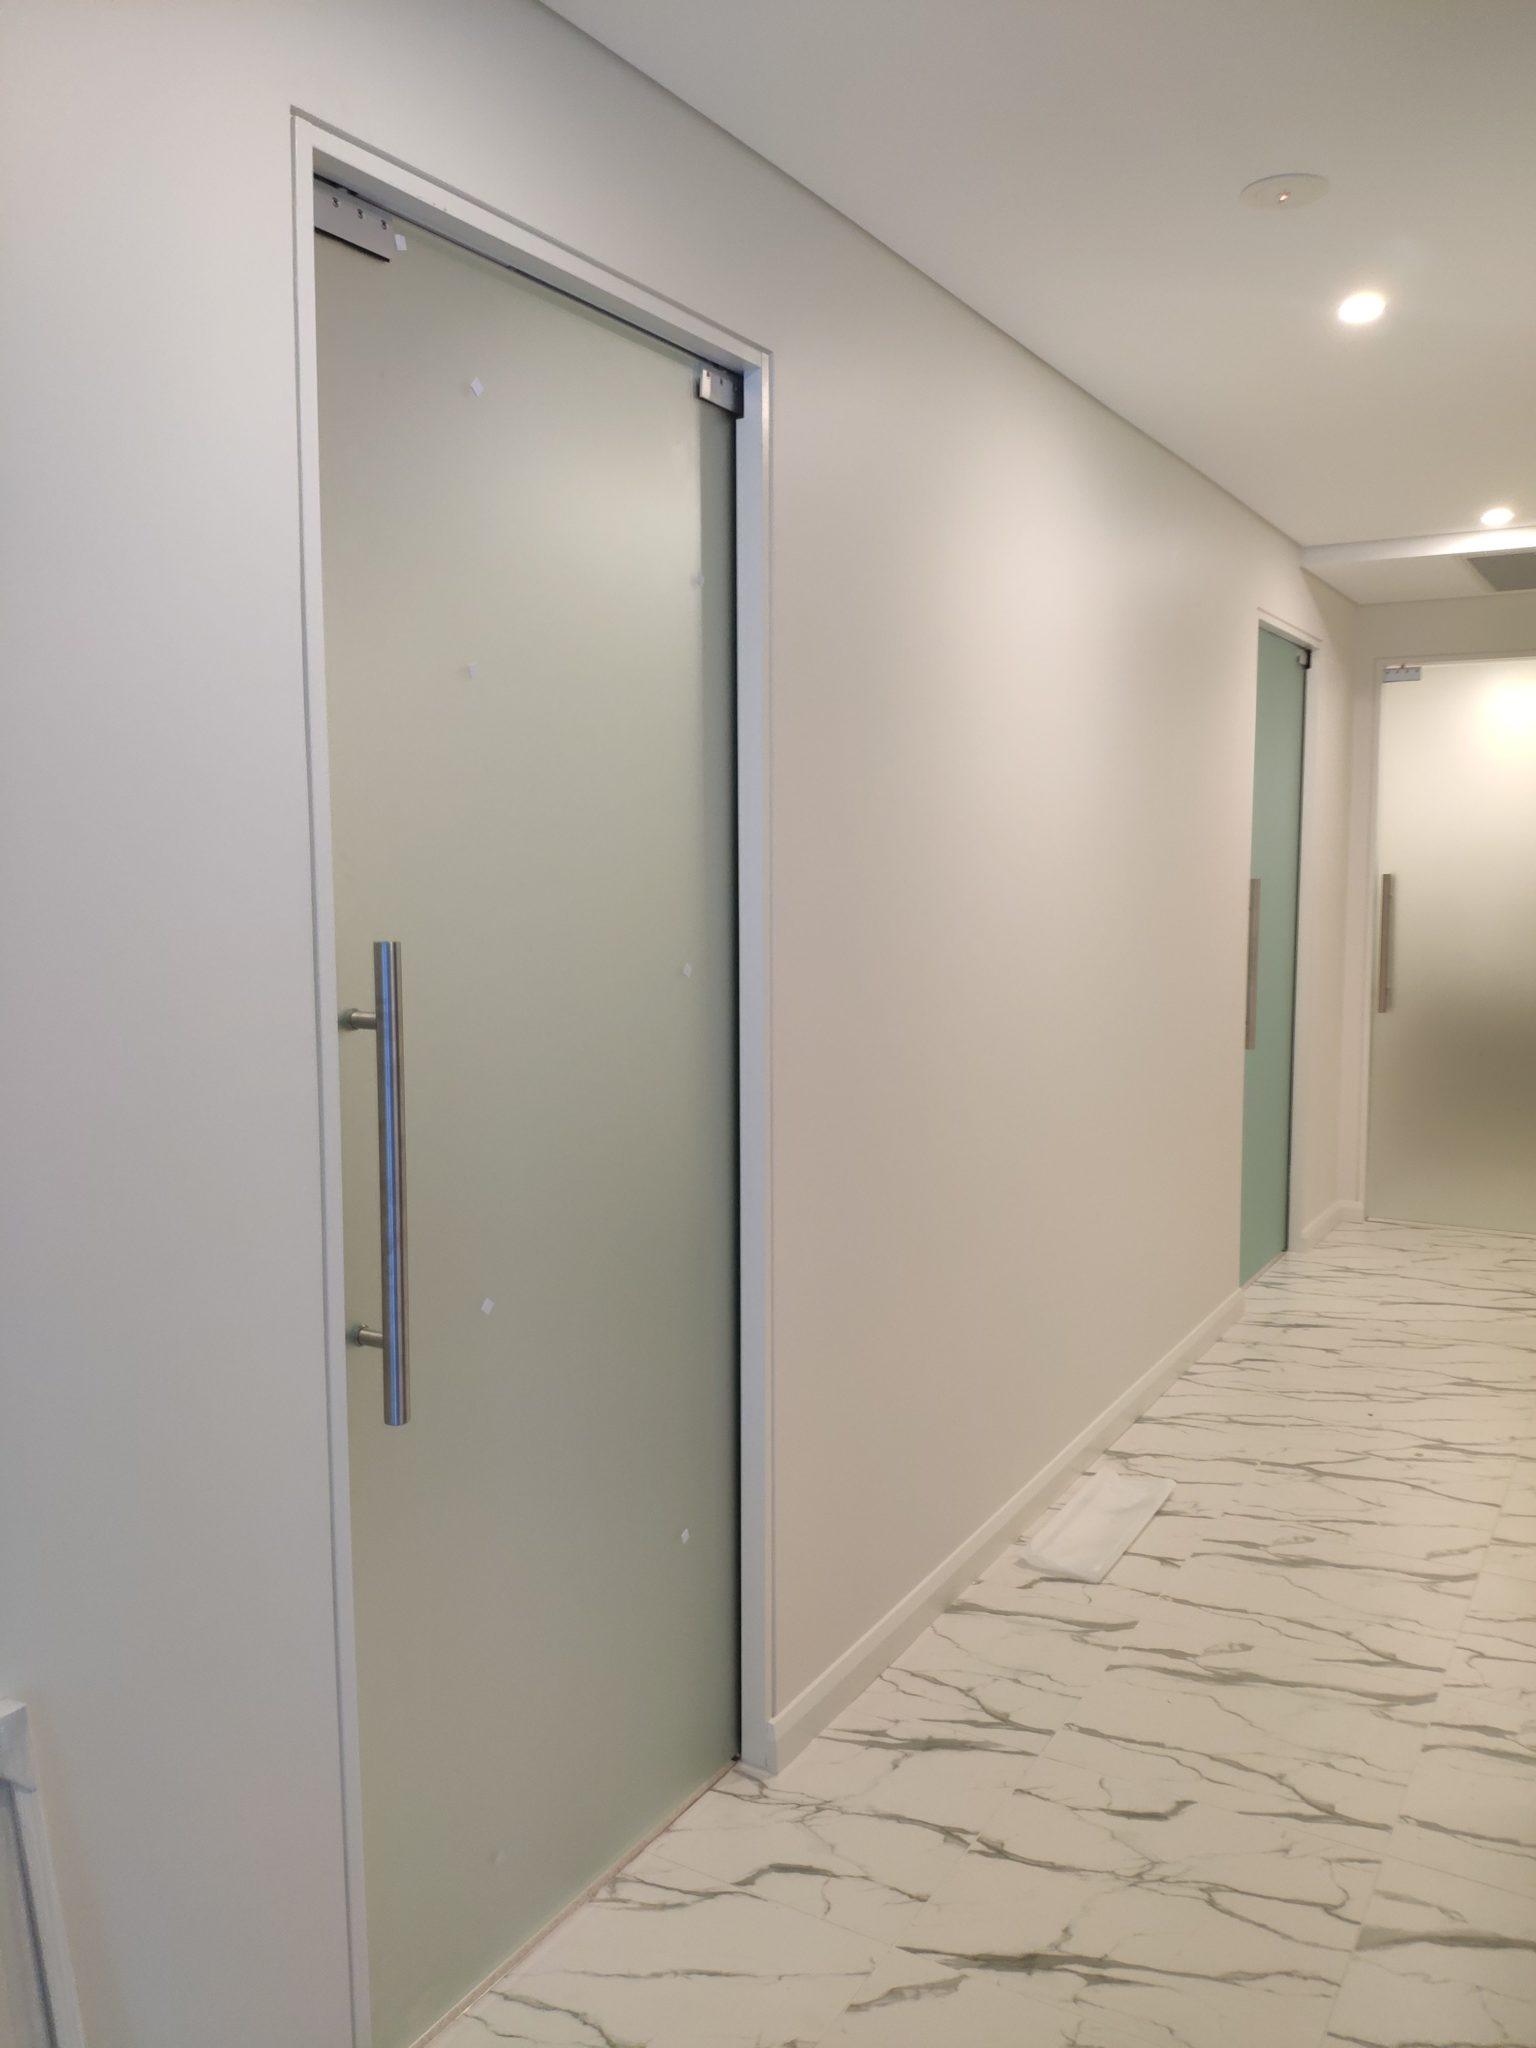 Frameless Glass Cavity Sliders Premium Sliding Doors Pty Ltd